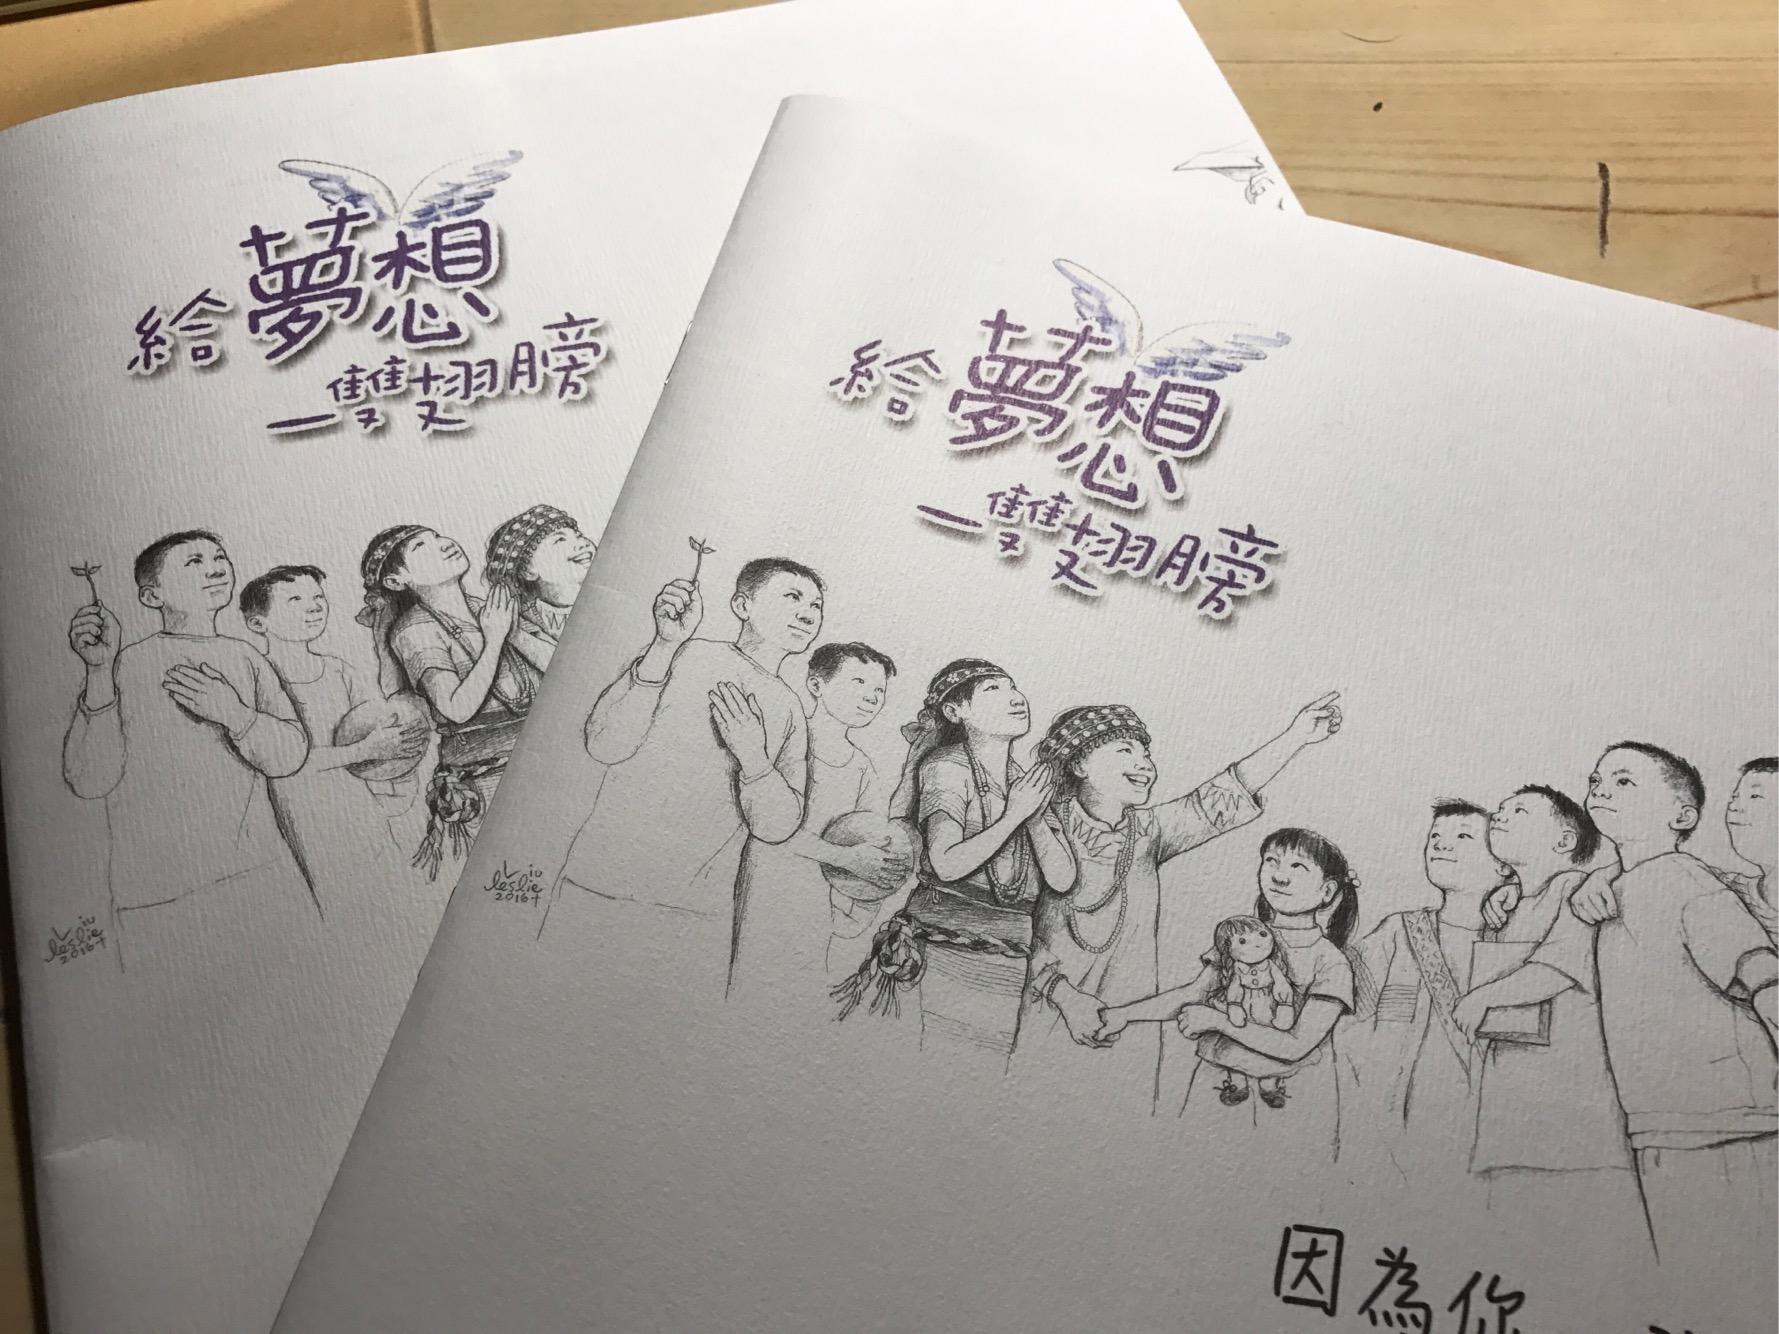 新希望基金會精心製作的活動手冊。攝影/郝一鳴